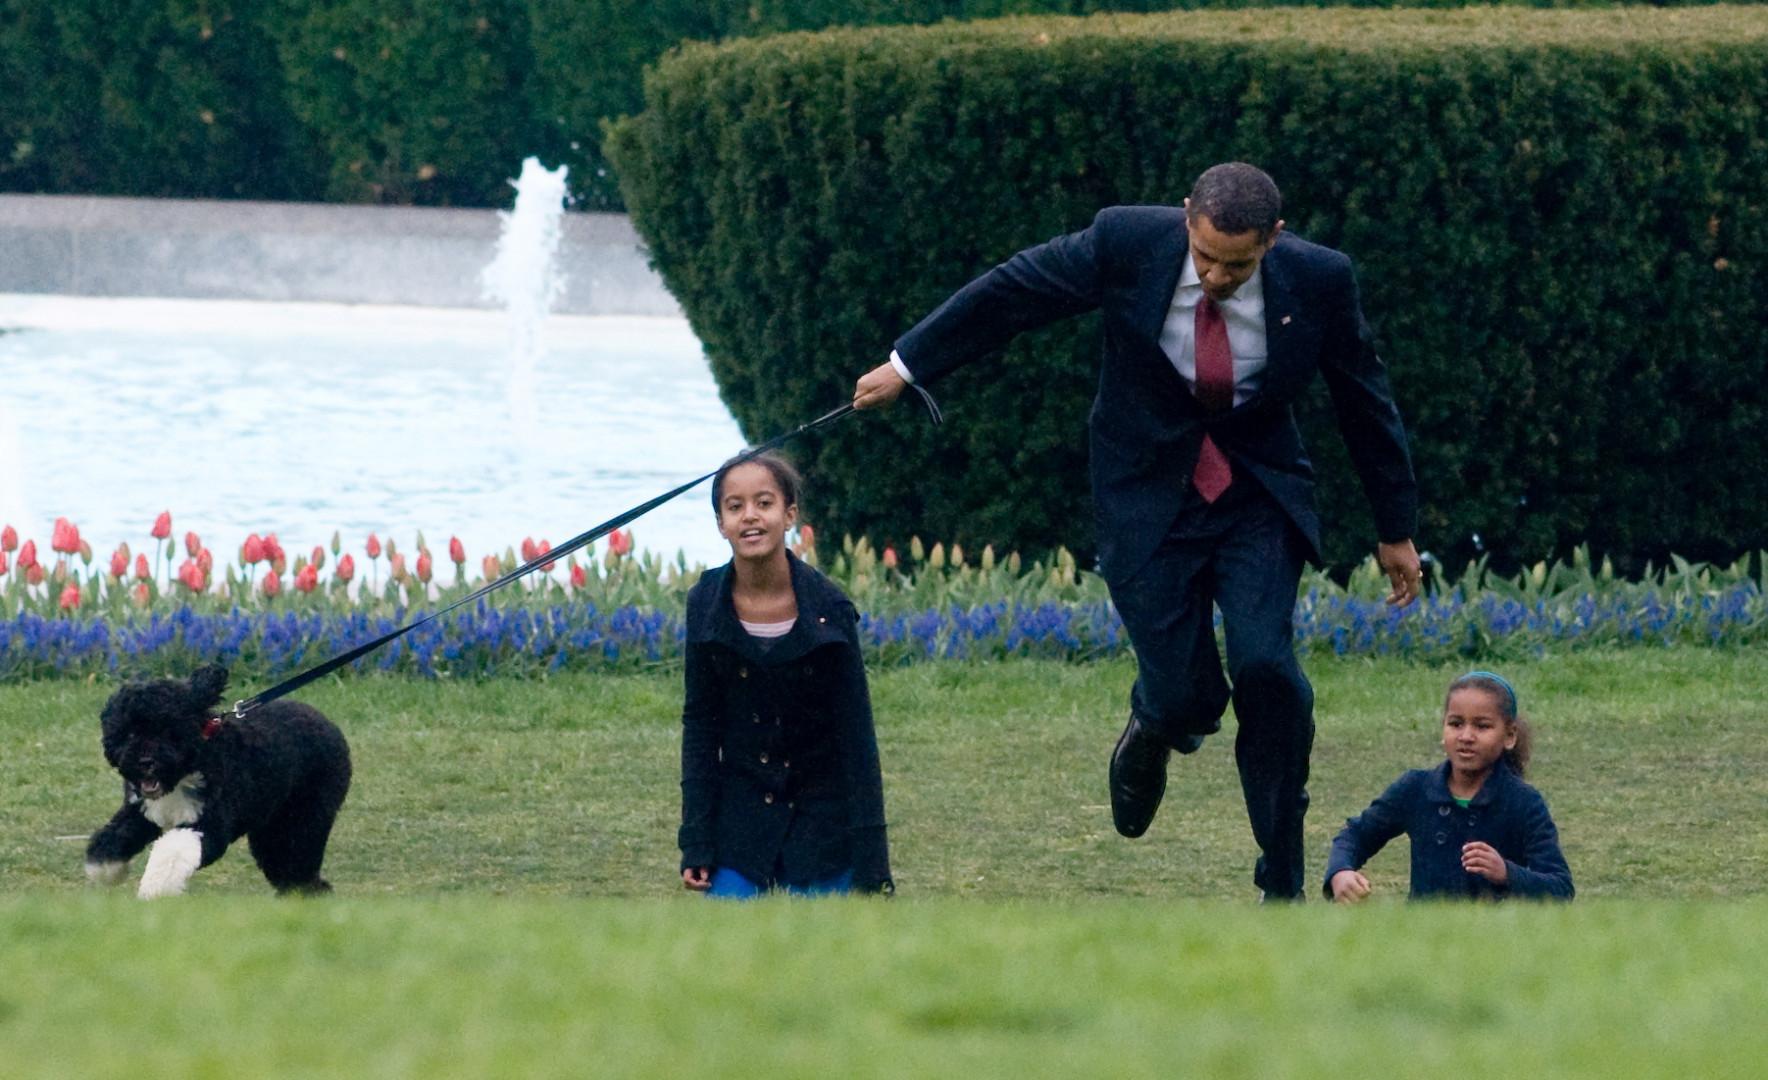 La famille Obama ne serait pas la même sans Bo, un adorable chien d'eau portugais que les filles promènent sur les pelouses de la Maison Blanche.